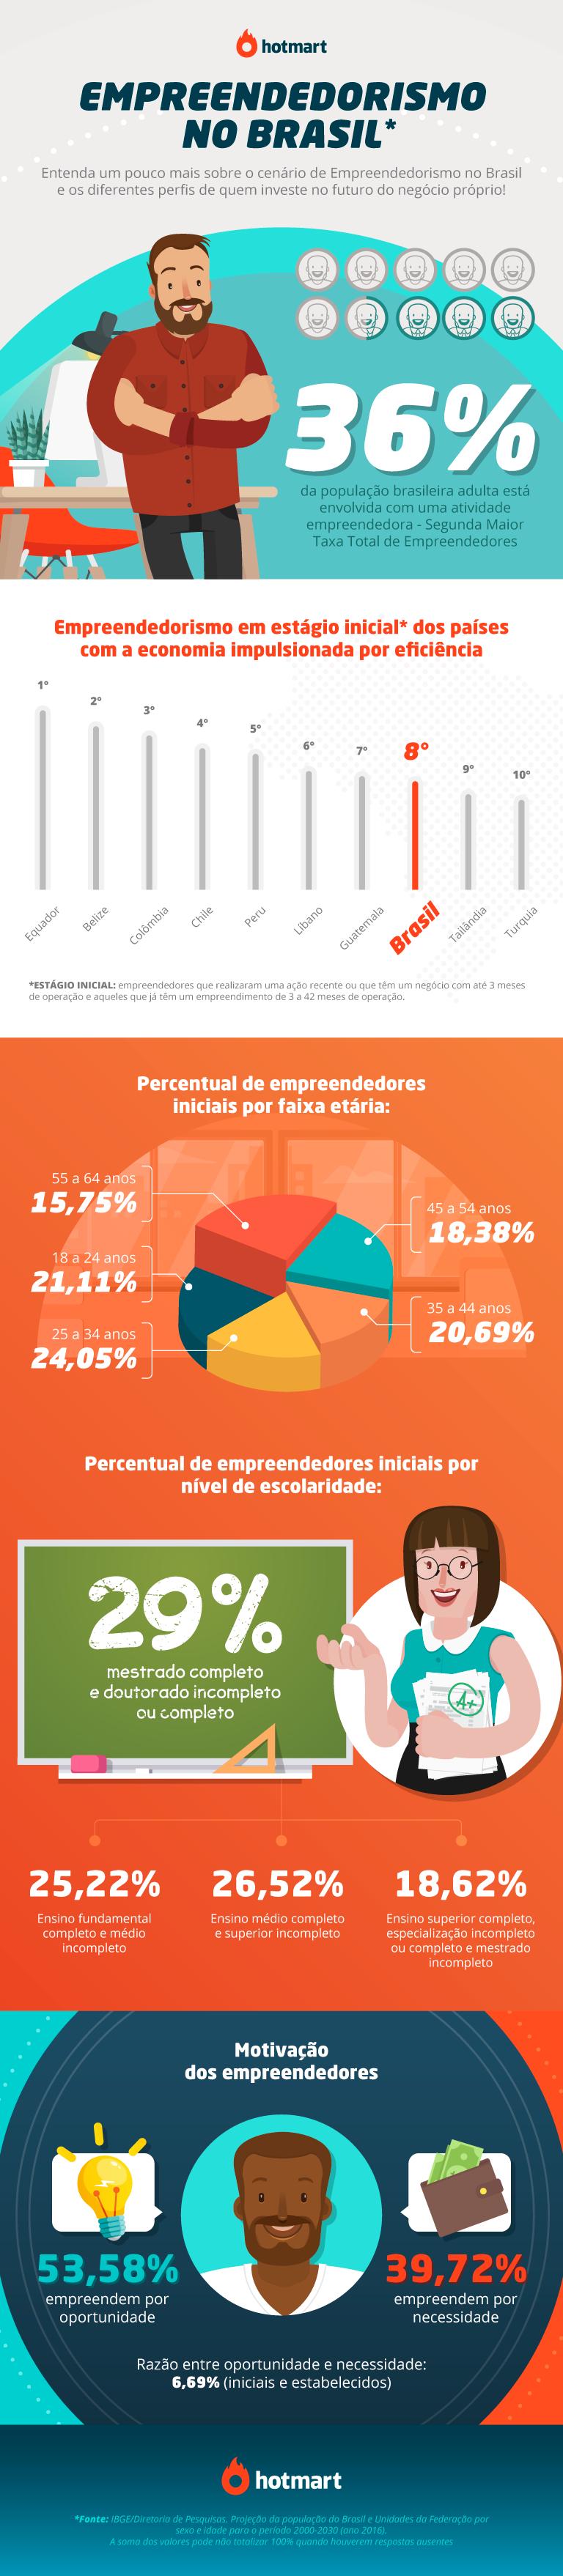 empreendedorismo no Brasil - Infográfico com os dados apresentados no texto sobre empreendedorismo